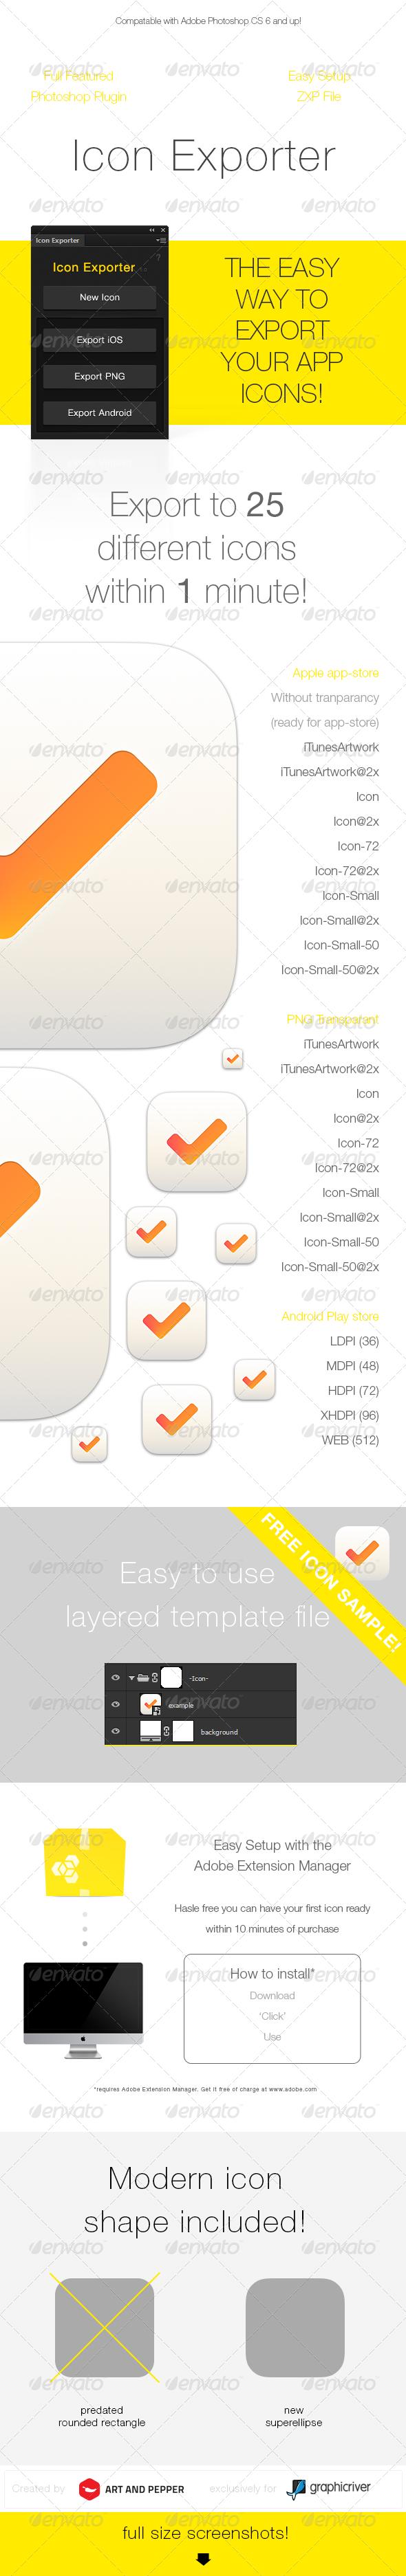 GraphicRiver Icon Exporter 5994815